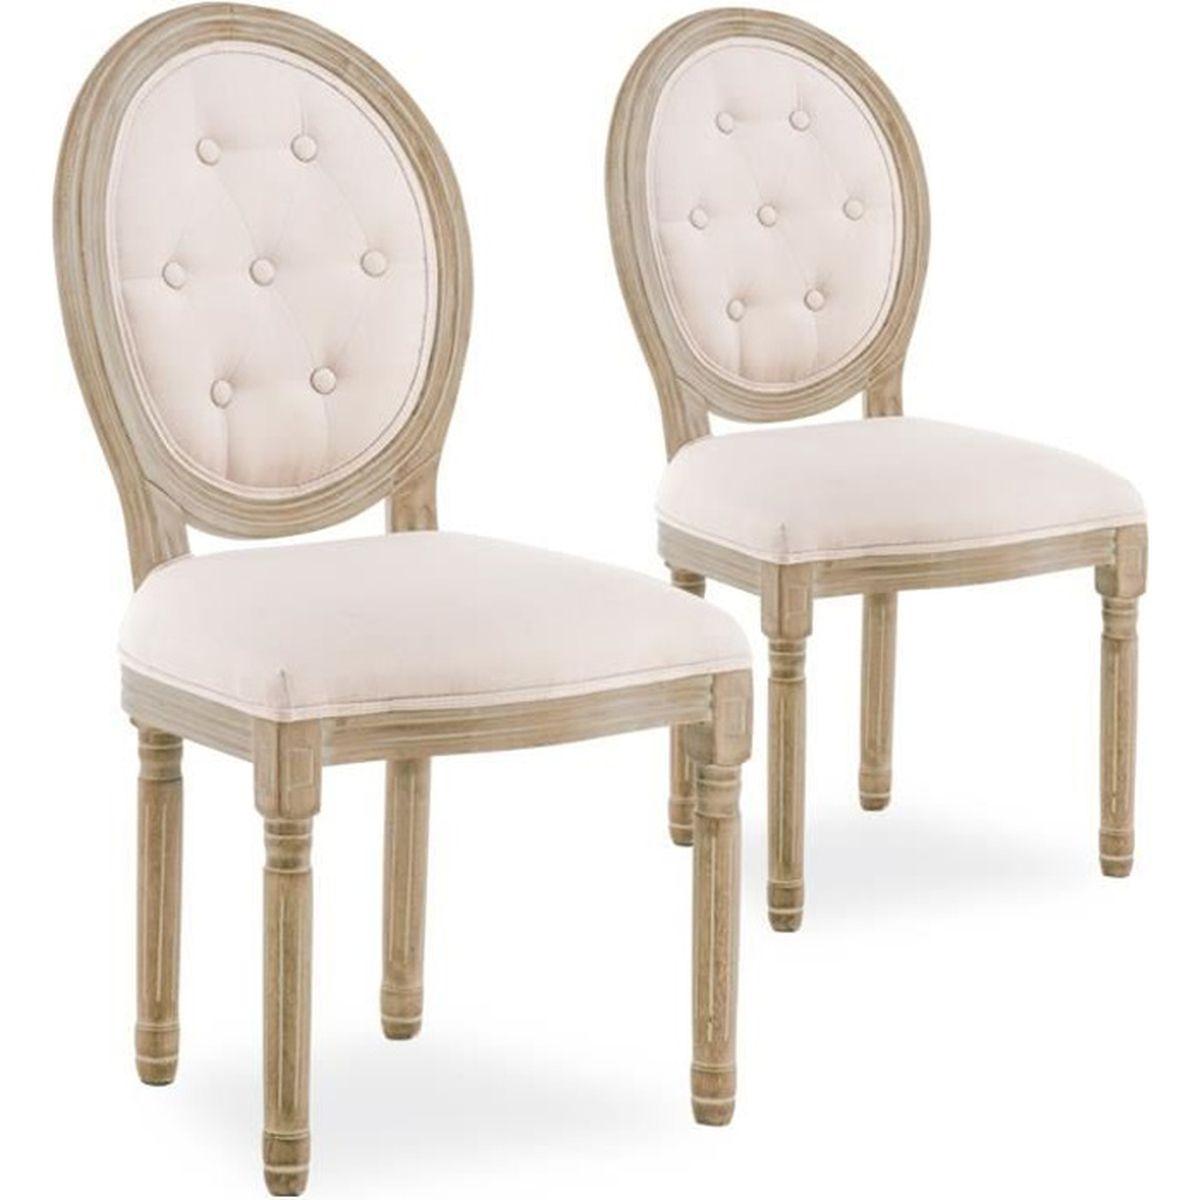 chaise louis xvi pas cher. Black Bedroom Furniture Sets. Home Design Ideas